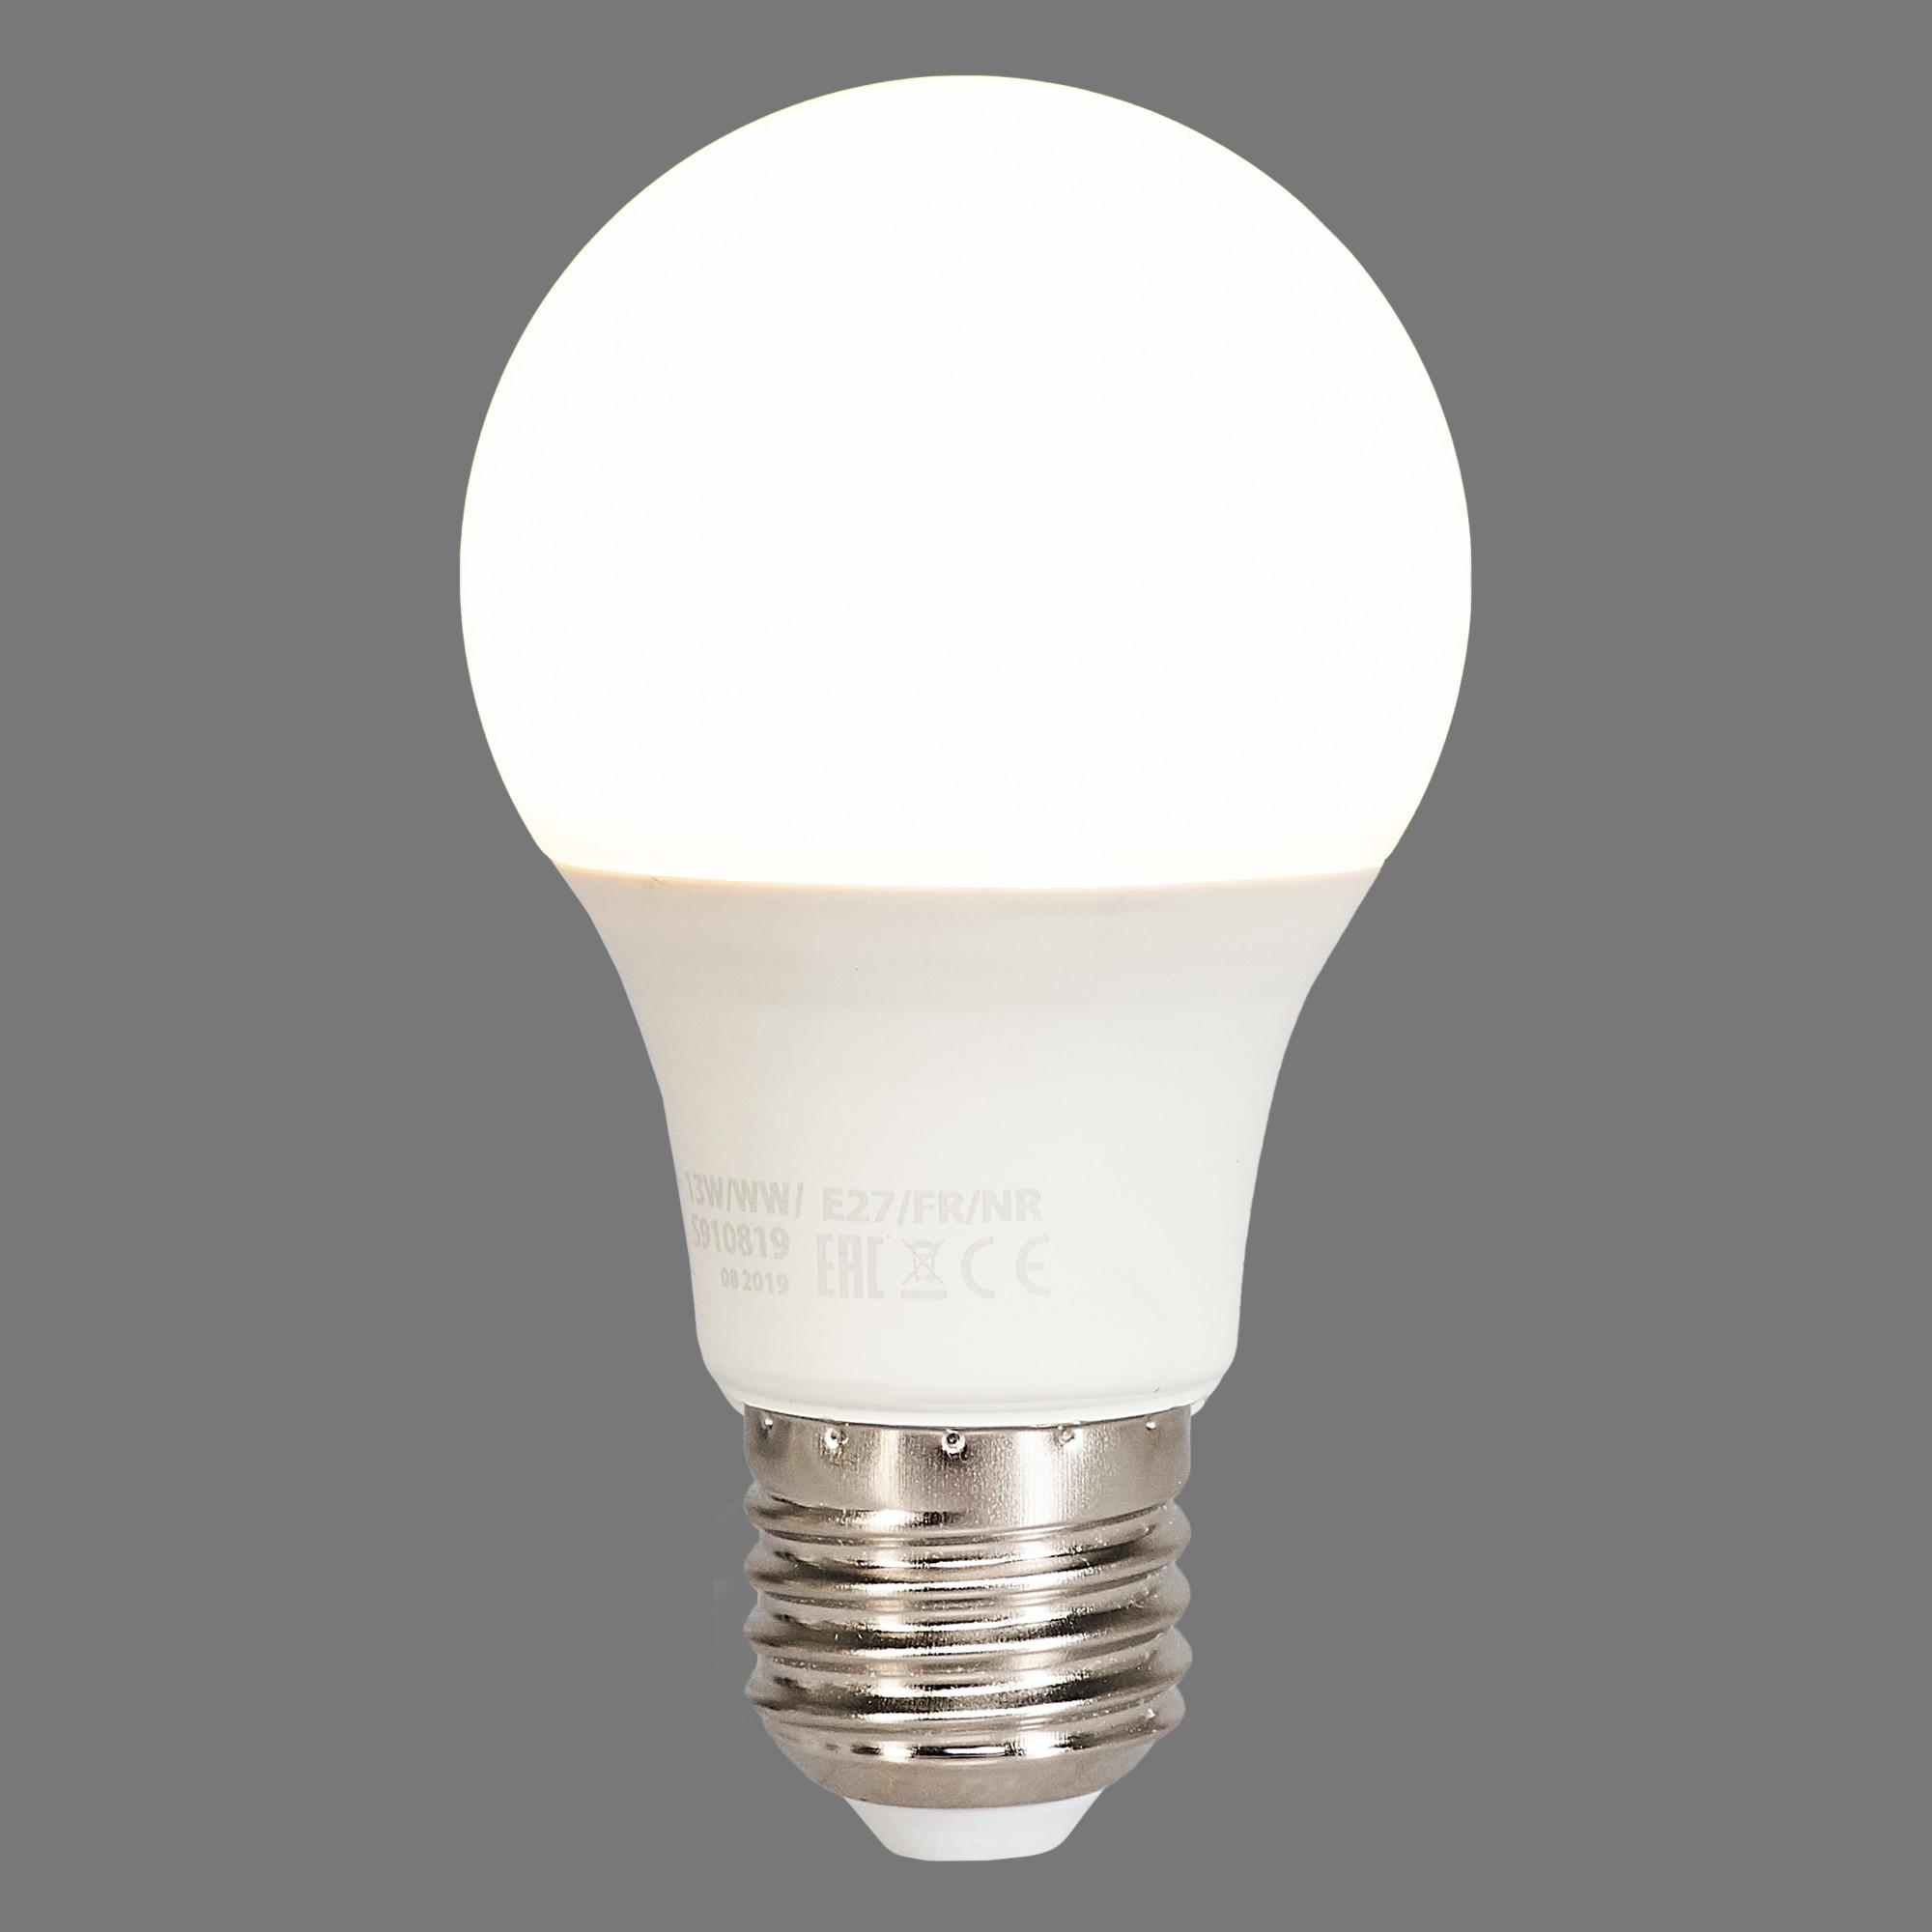 Лампа светодиодная Norma E27 170-240 В 13 Вт груша 1150 лм тёплый белый свет